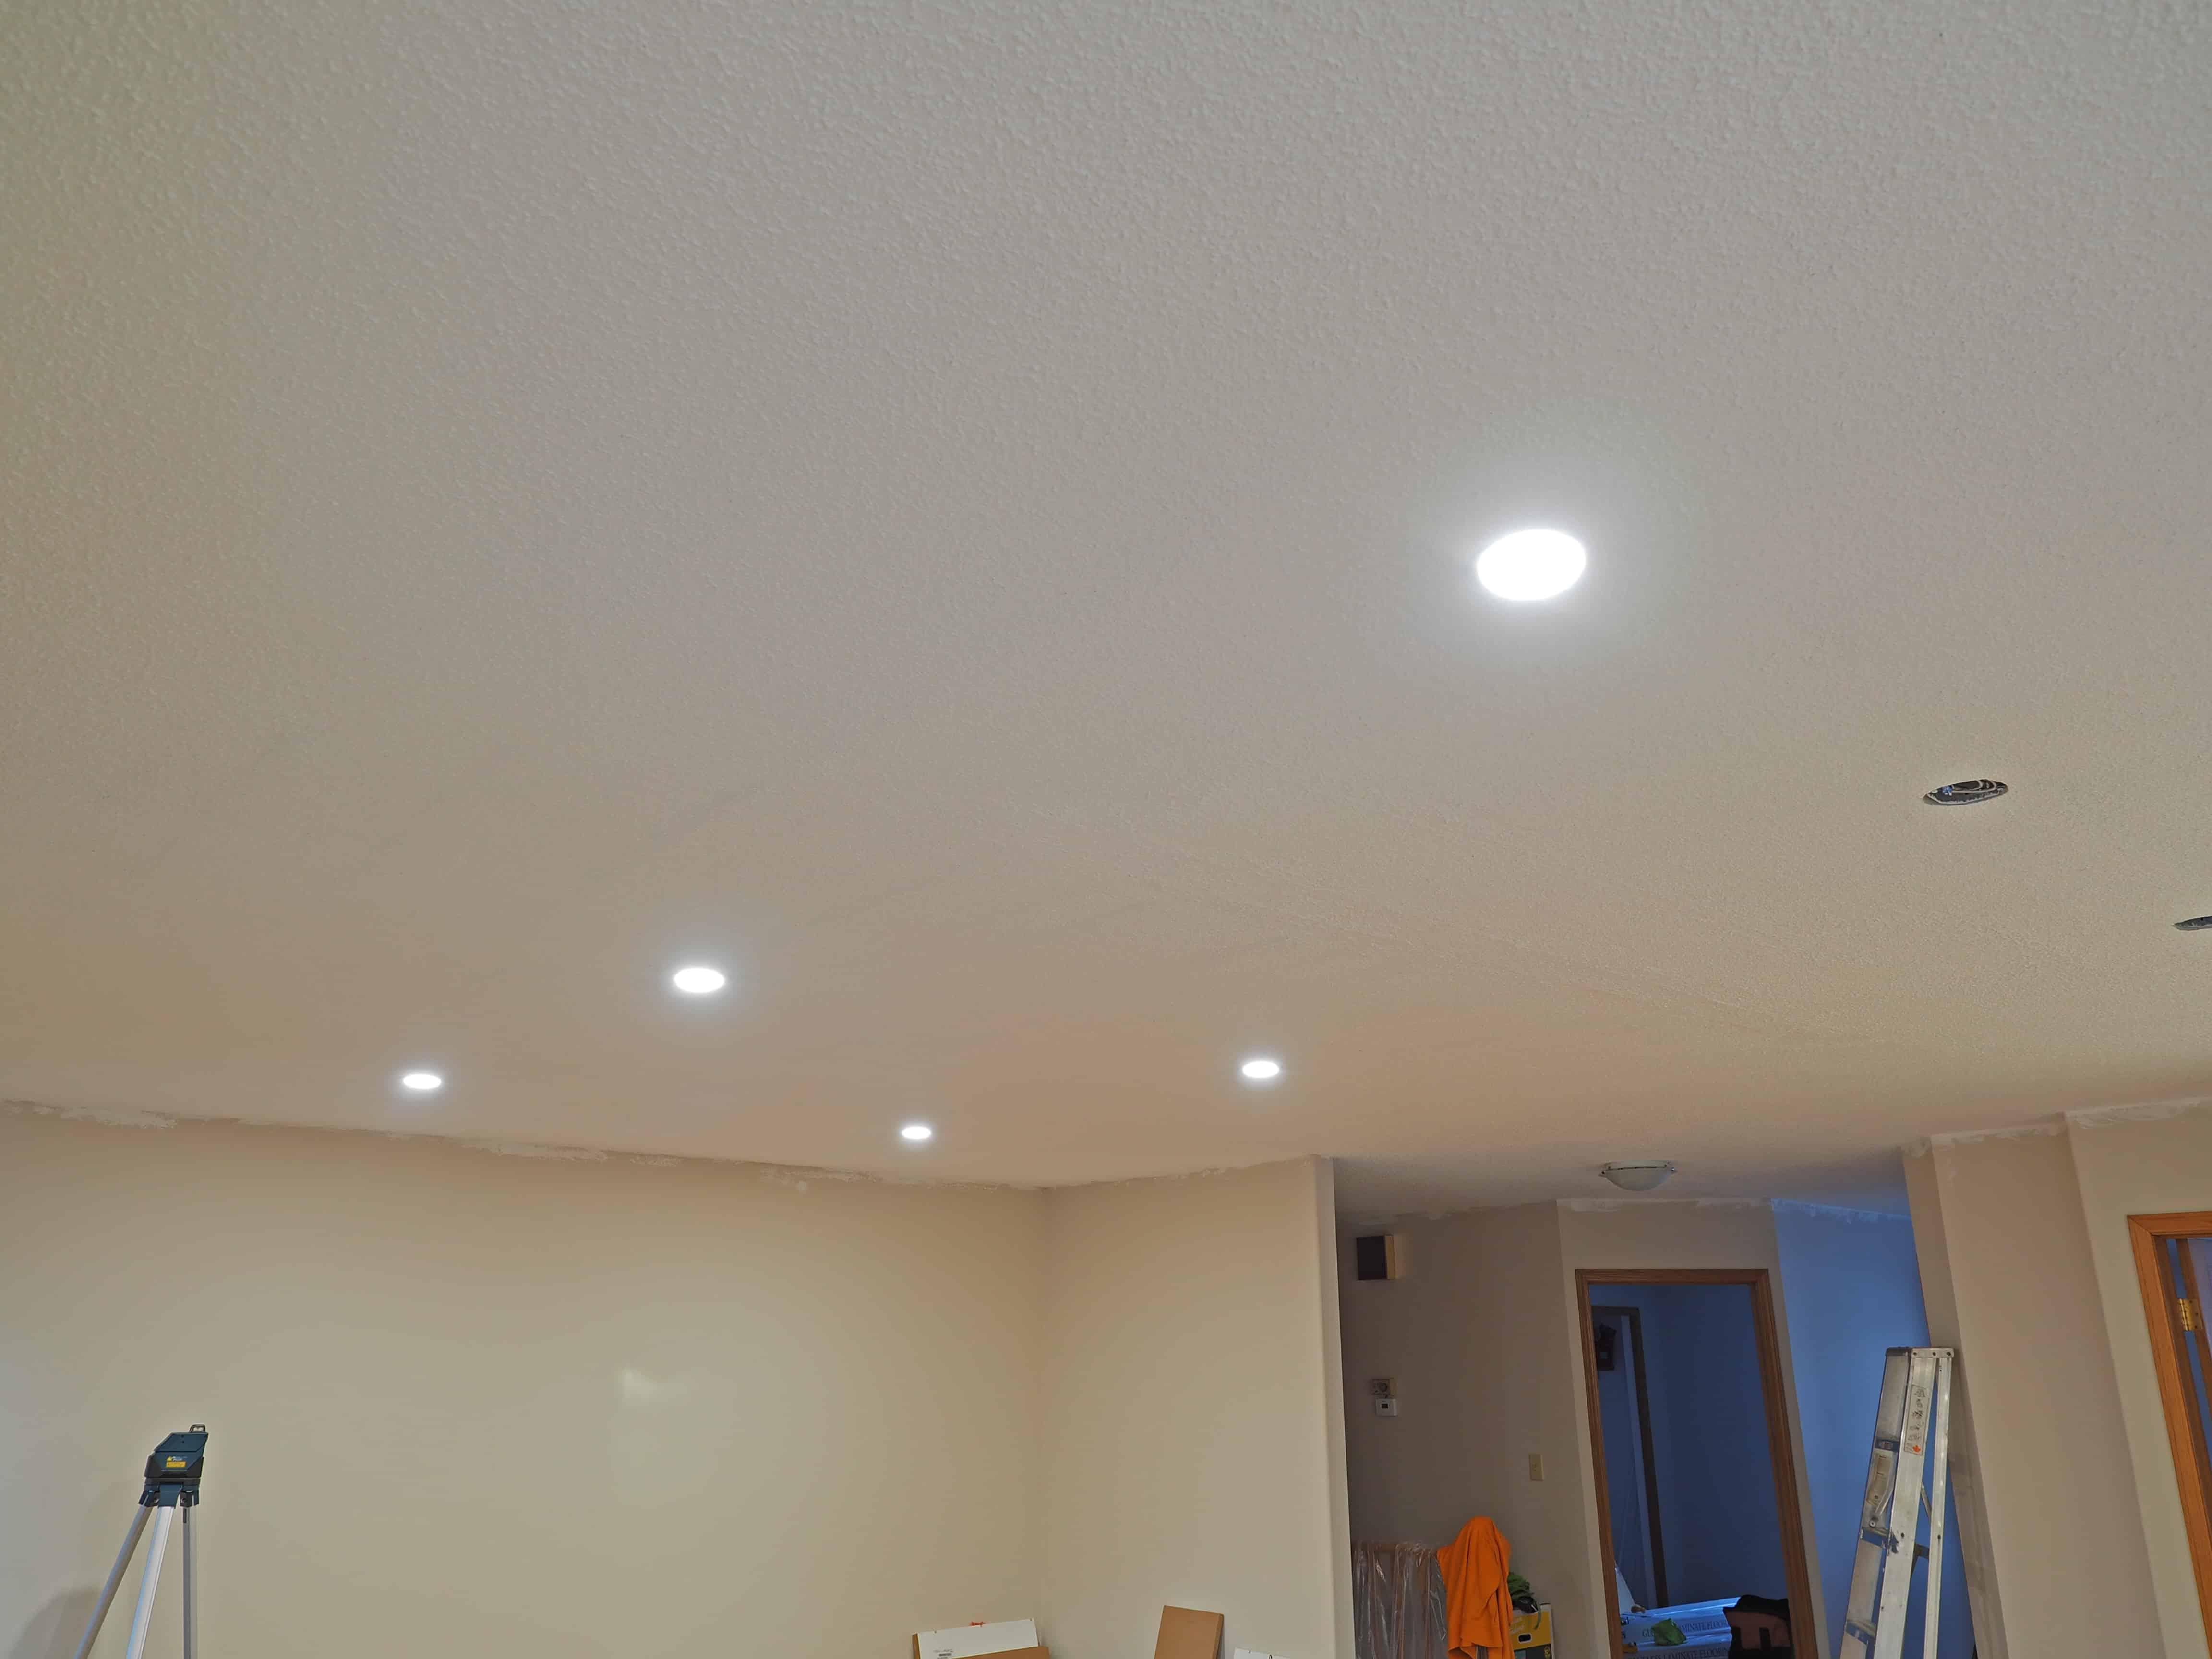 DIY textured ceiling repair – THE HOMESTUD